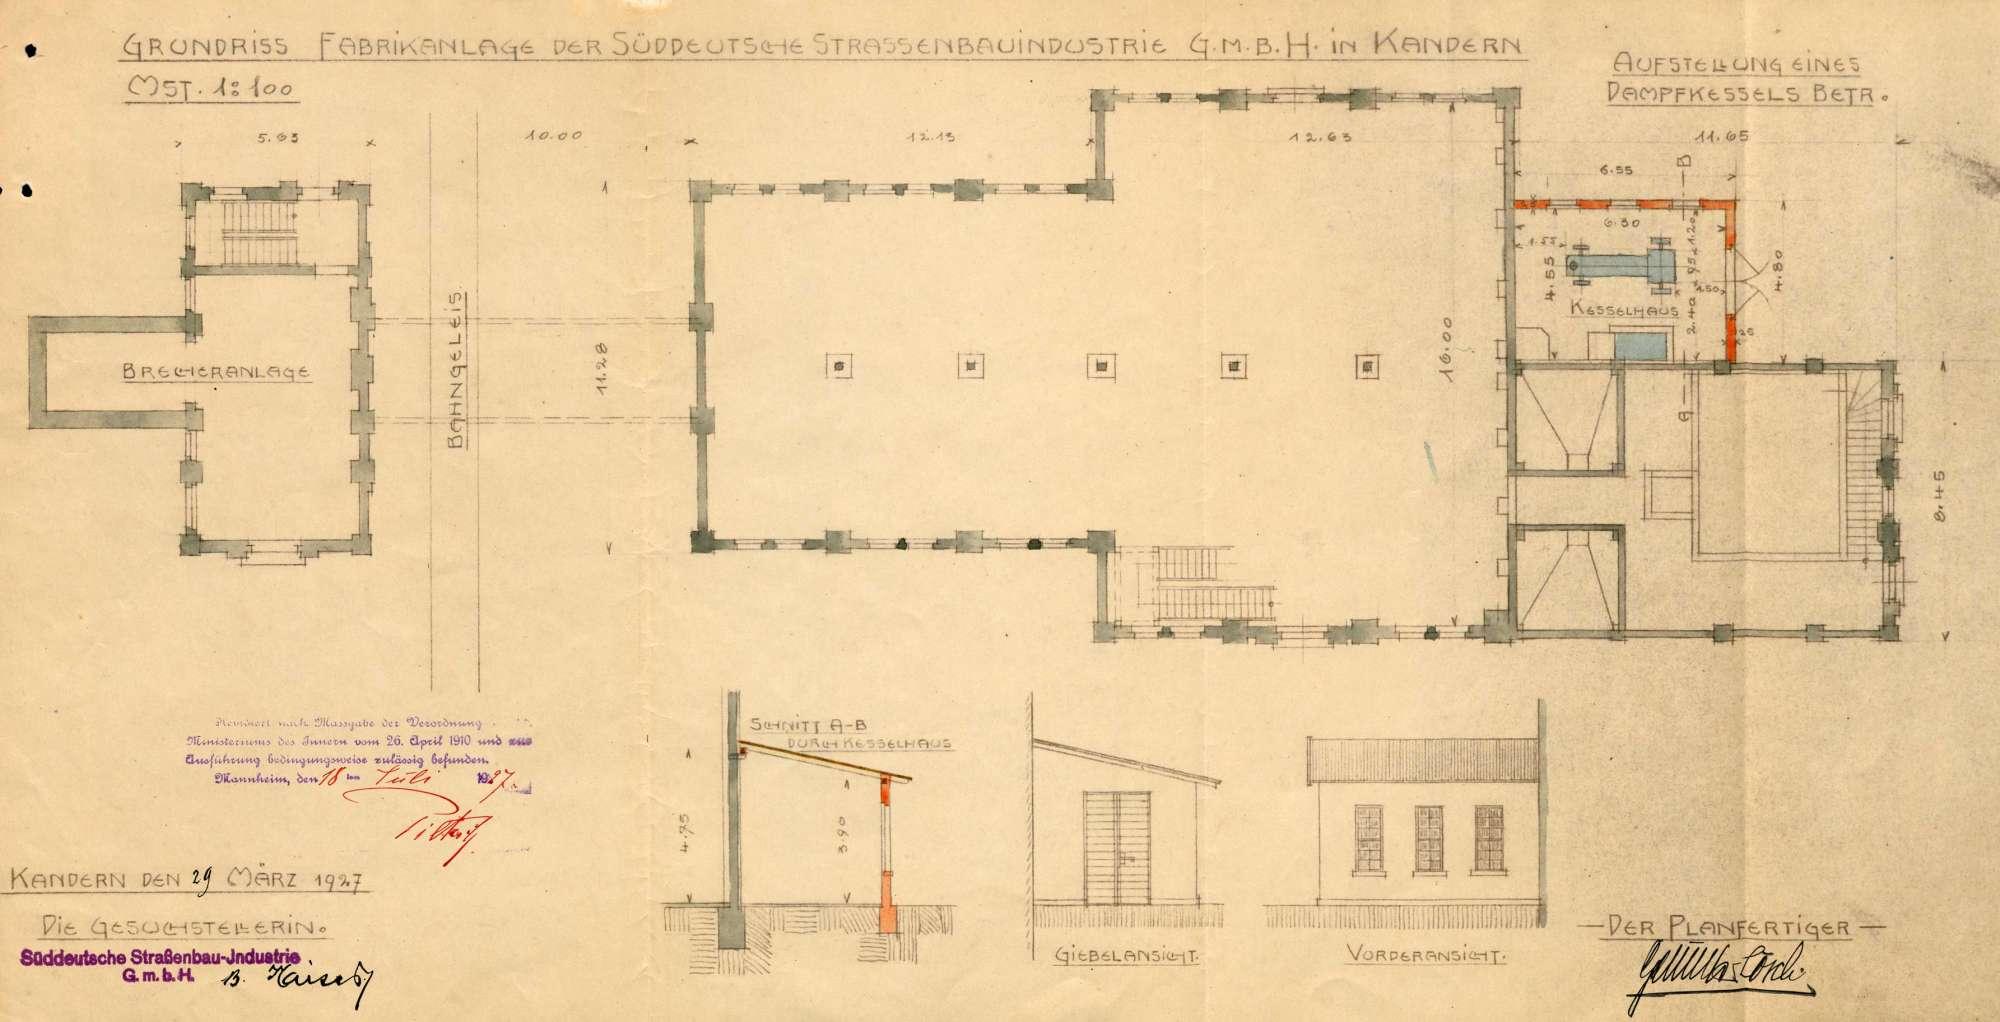 Gesuch der Süddeutschen Straßenbau-Industrie GmbH, Kandern, um Erlaubnis zur Anlegung eines Dampfkessels in Wollbach, Bild 2